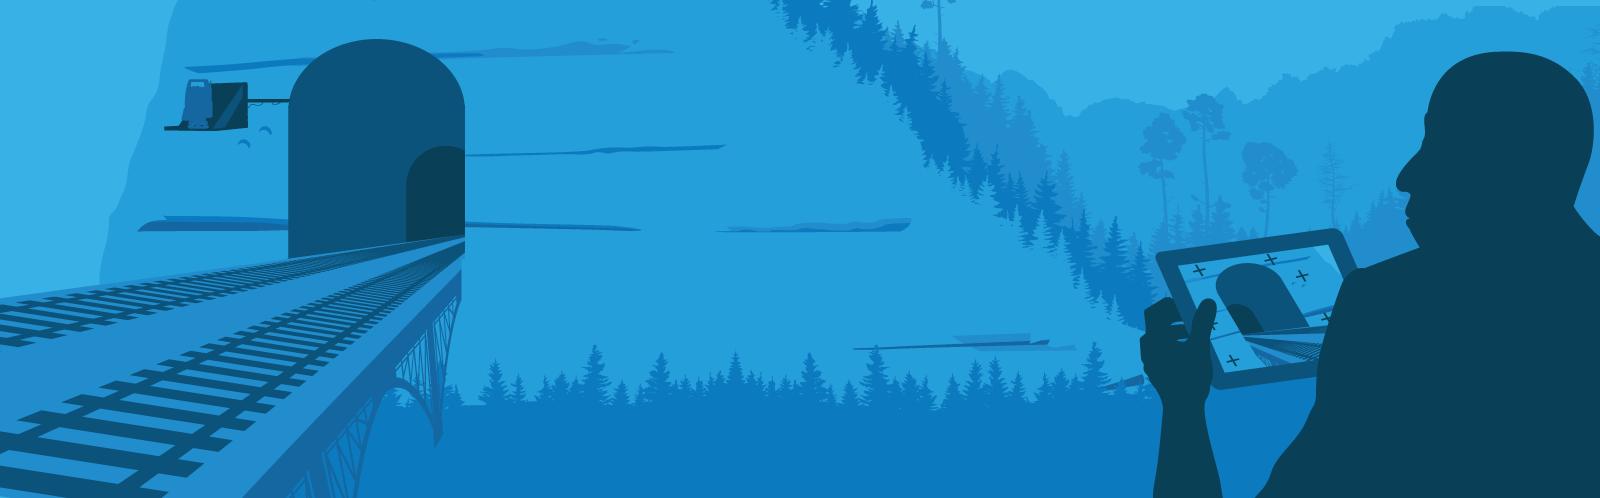 monitoring_simplicity